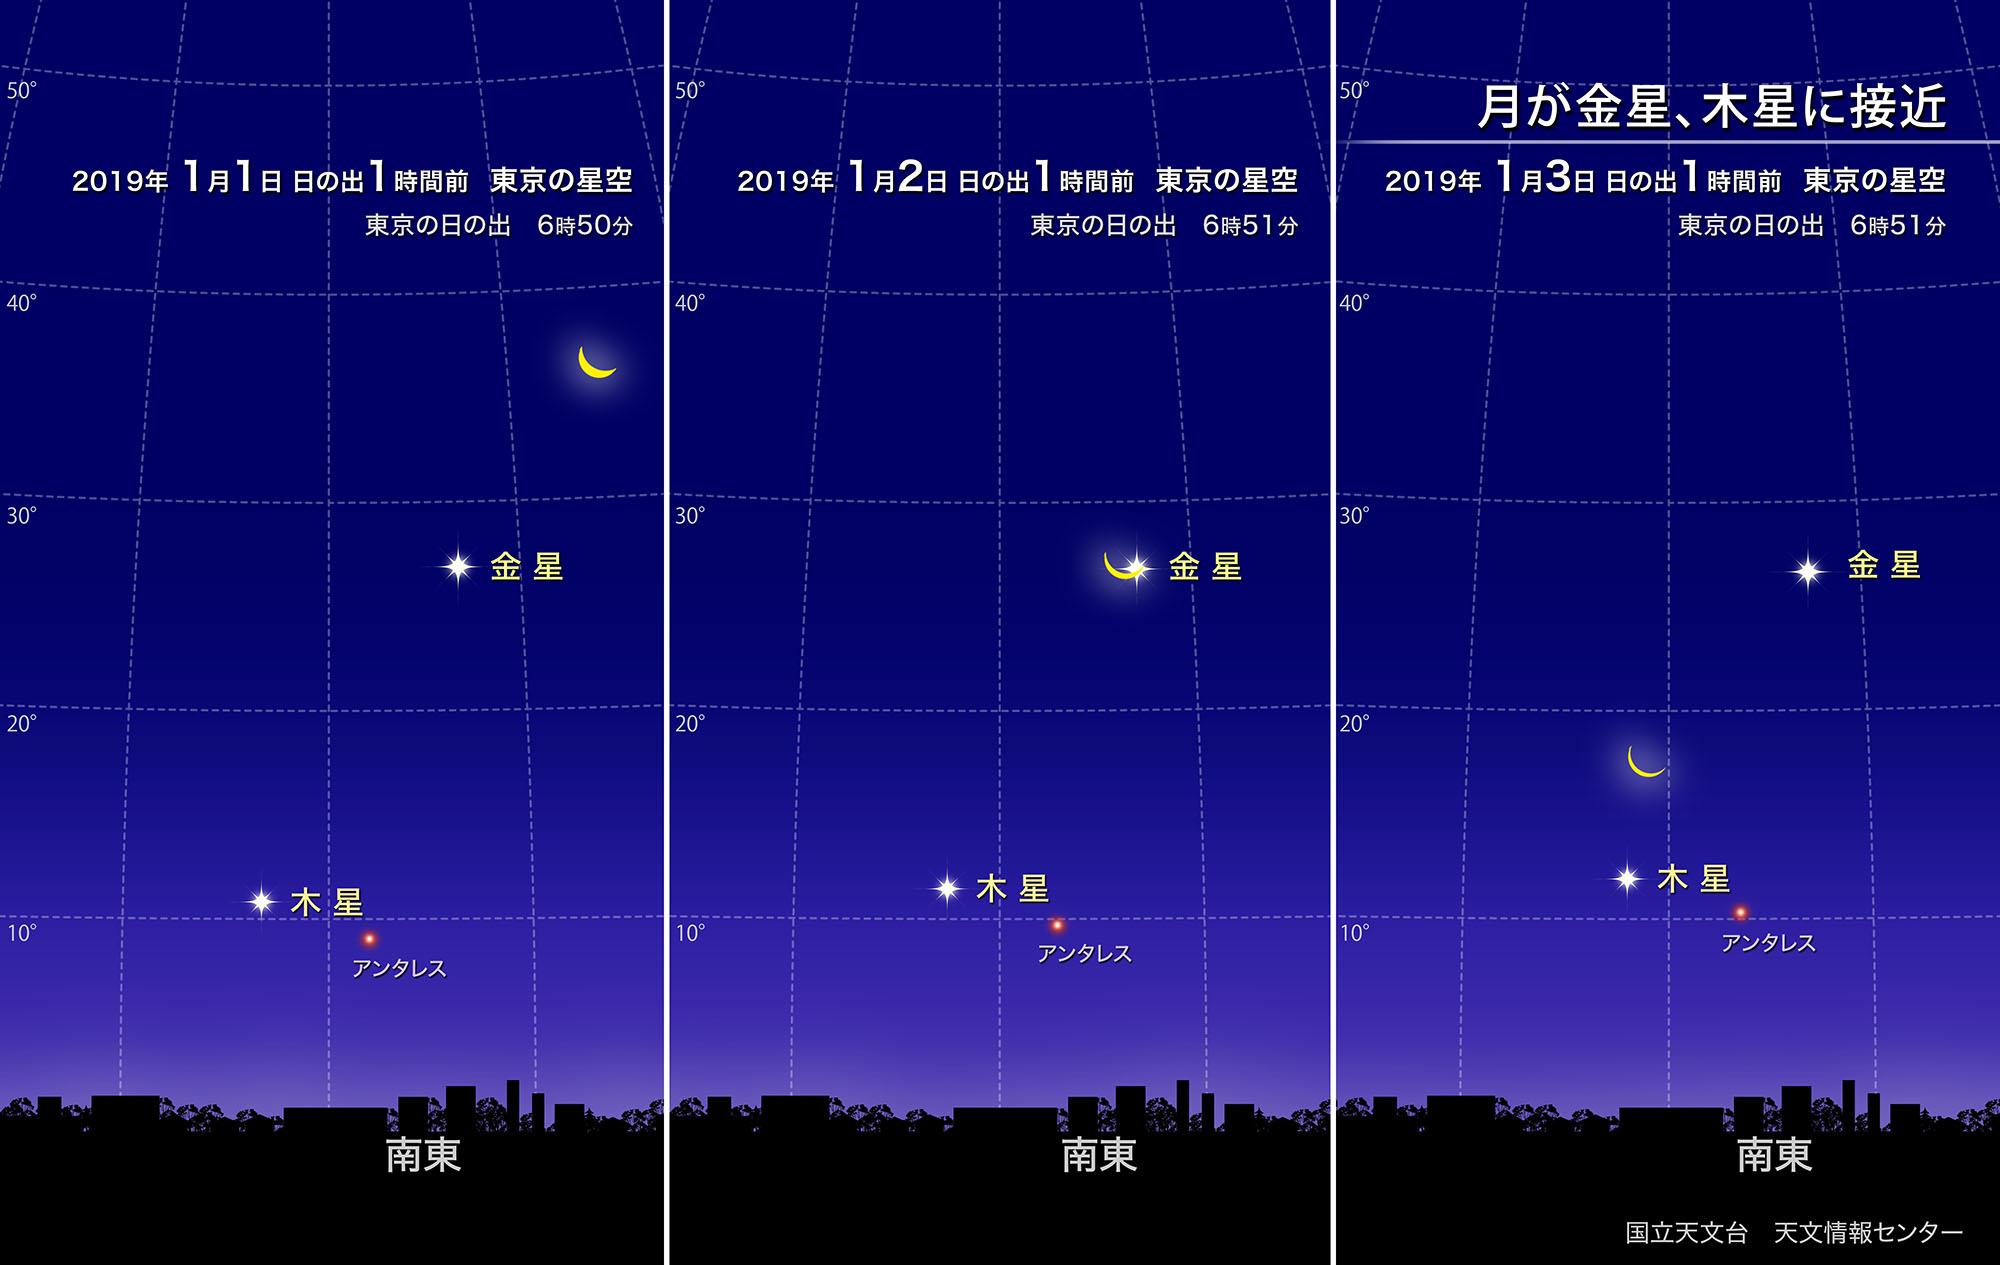 月が金星、木星に接近(2019年1月) | 国立天文台(NAOJ)